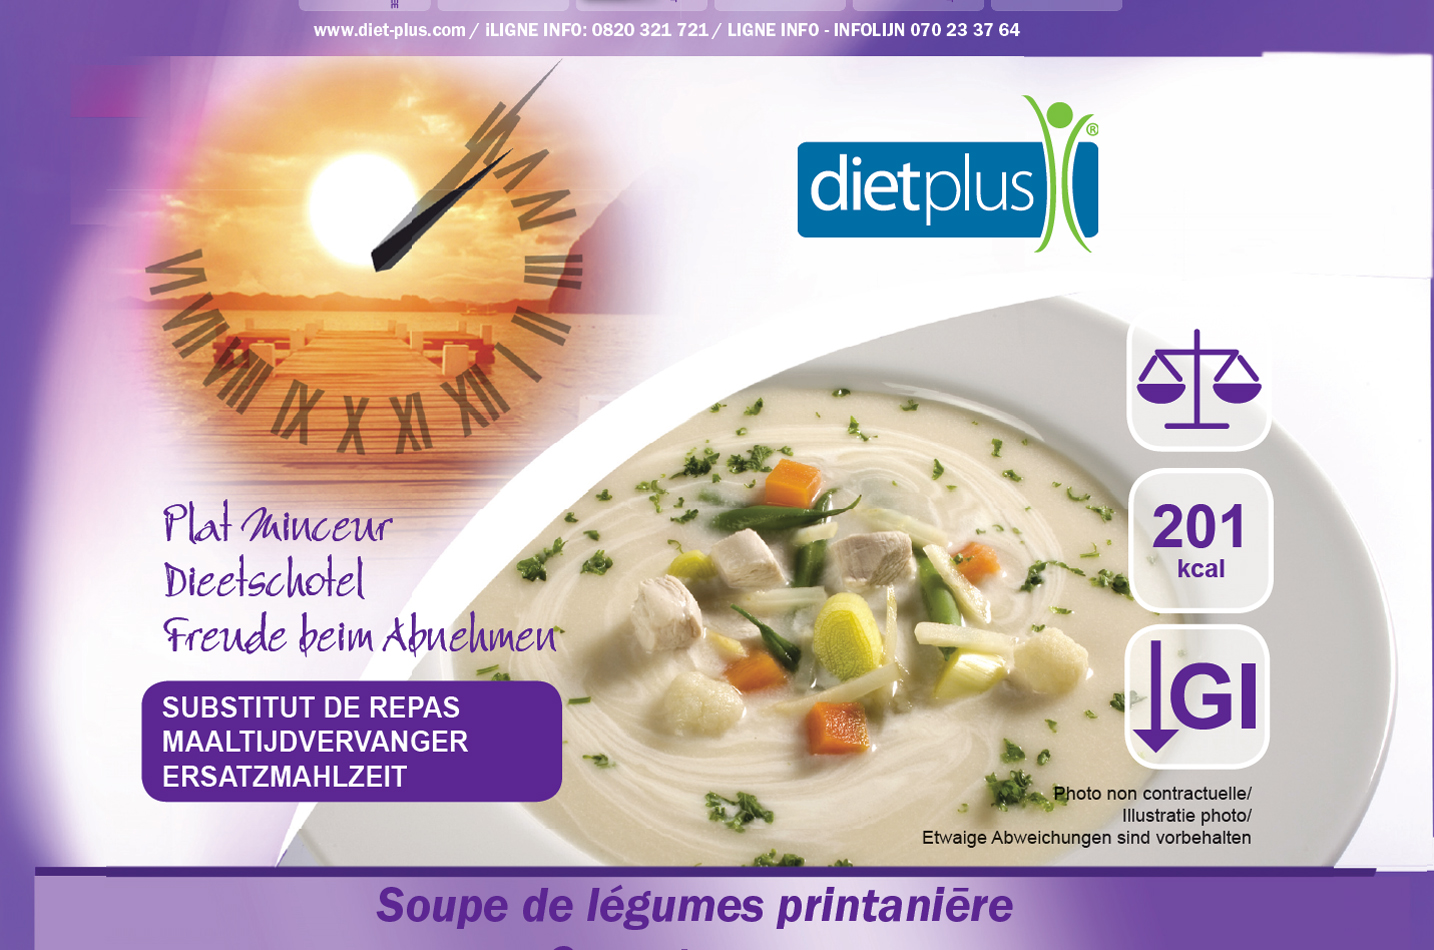 DietPlus2007-01.jpg